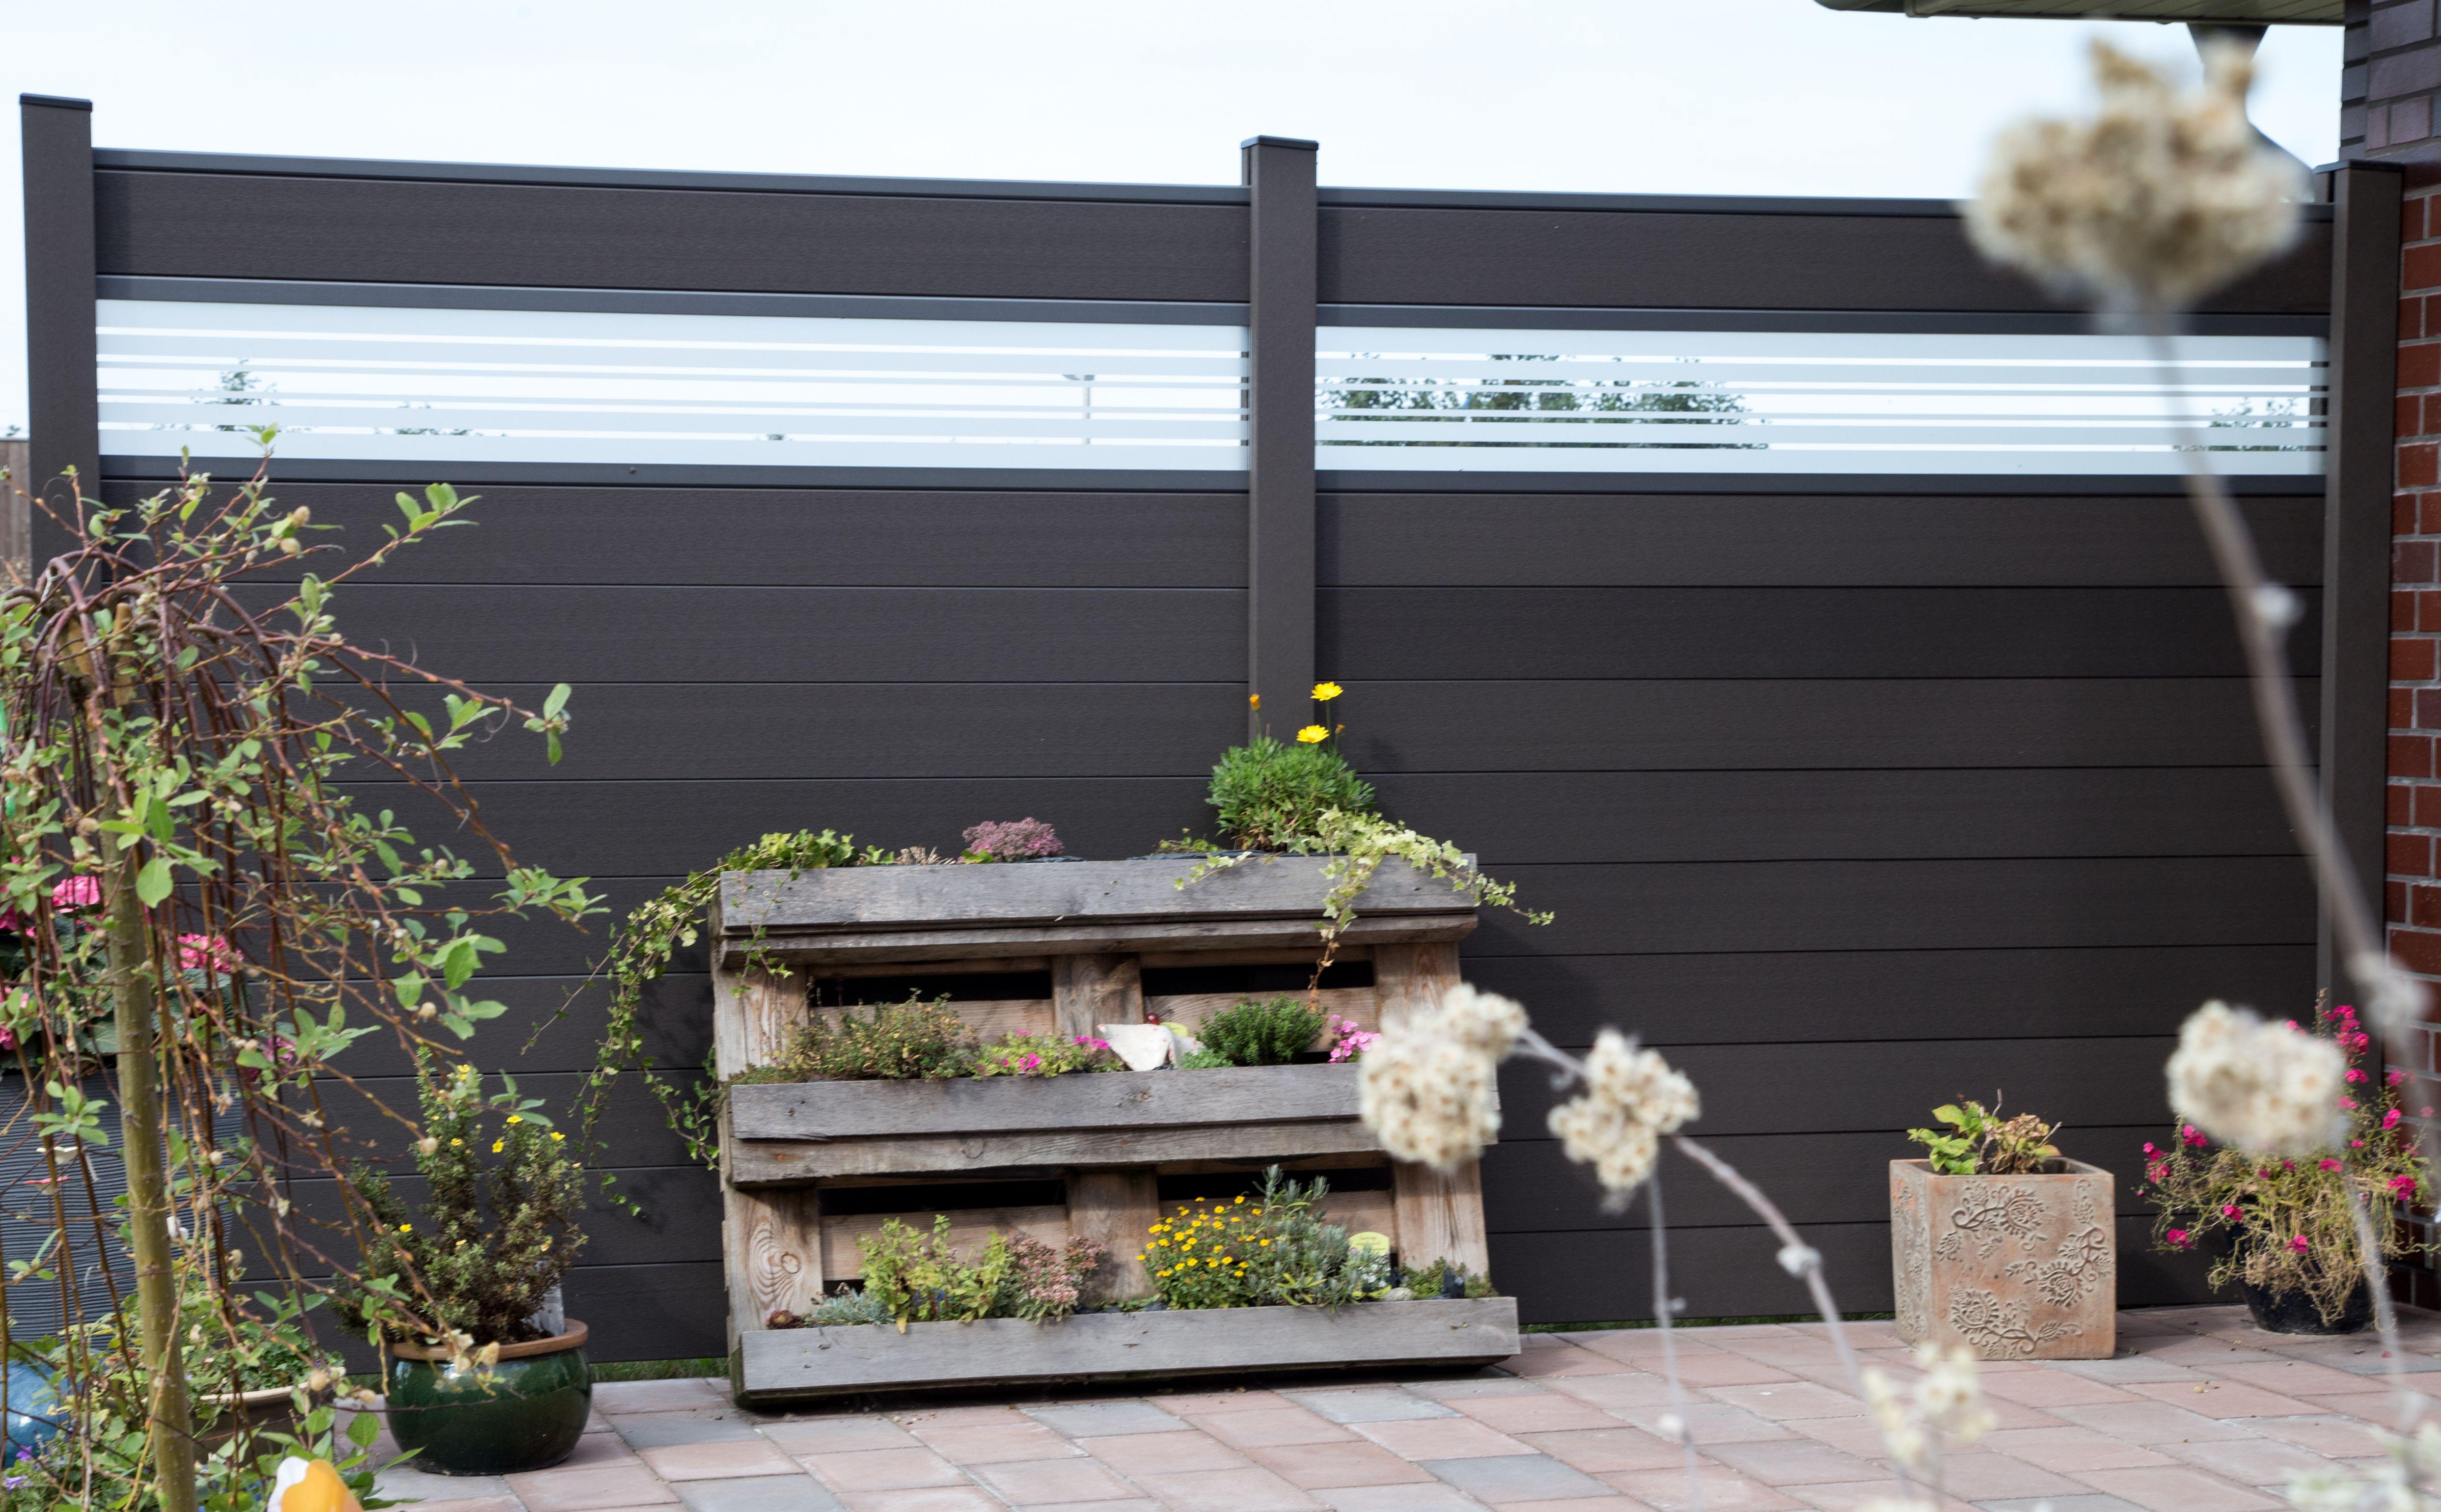 grojasolid bpc steckzaun in anthrazit mit designeinsatz. Black Bedroom Furniture Sets. Home Design Ideas